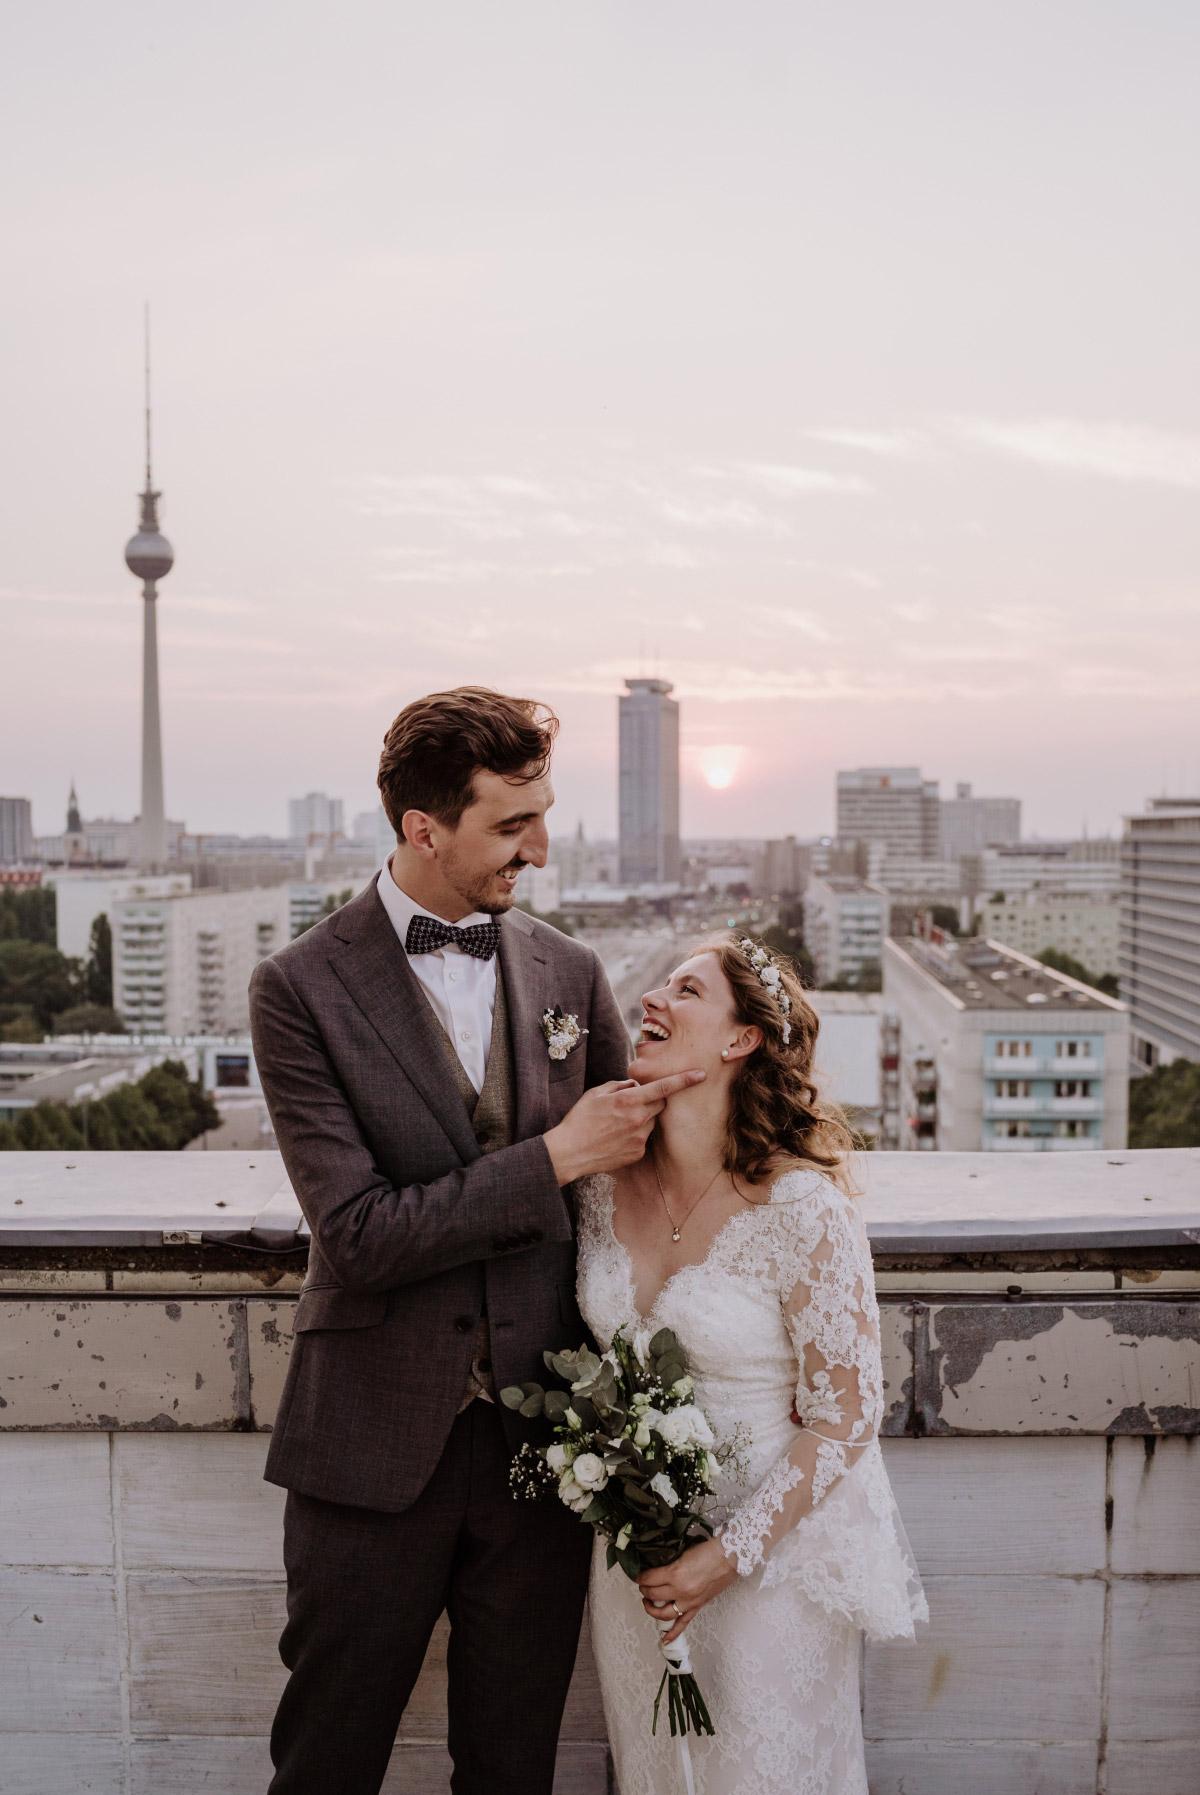 Hochzeitsfotograf Berlin - Corona Hochzeit im Standesamt Berlin Gärten der Welt Chinesischer Garten - mehr im Blog von Hochzeitsfotografin Berlin © www.hochzeitslicht.de #hochzeitslicht